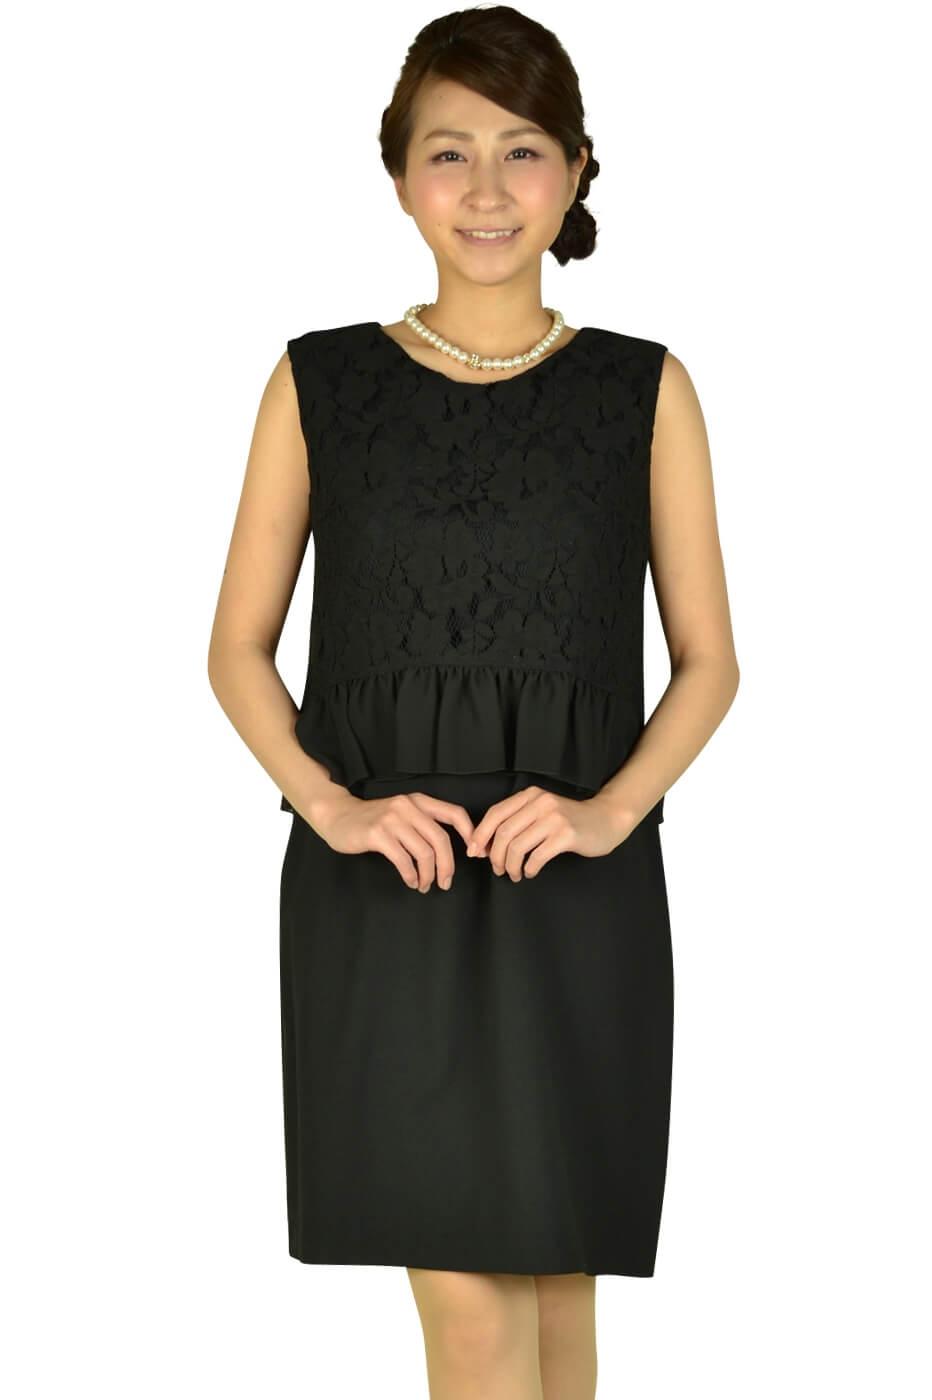 エクリュフィル (ecruefil)ブラックレーストップスドレス